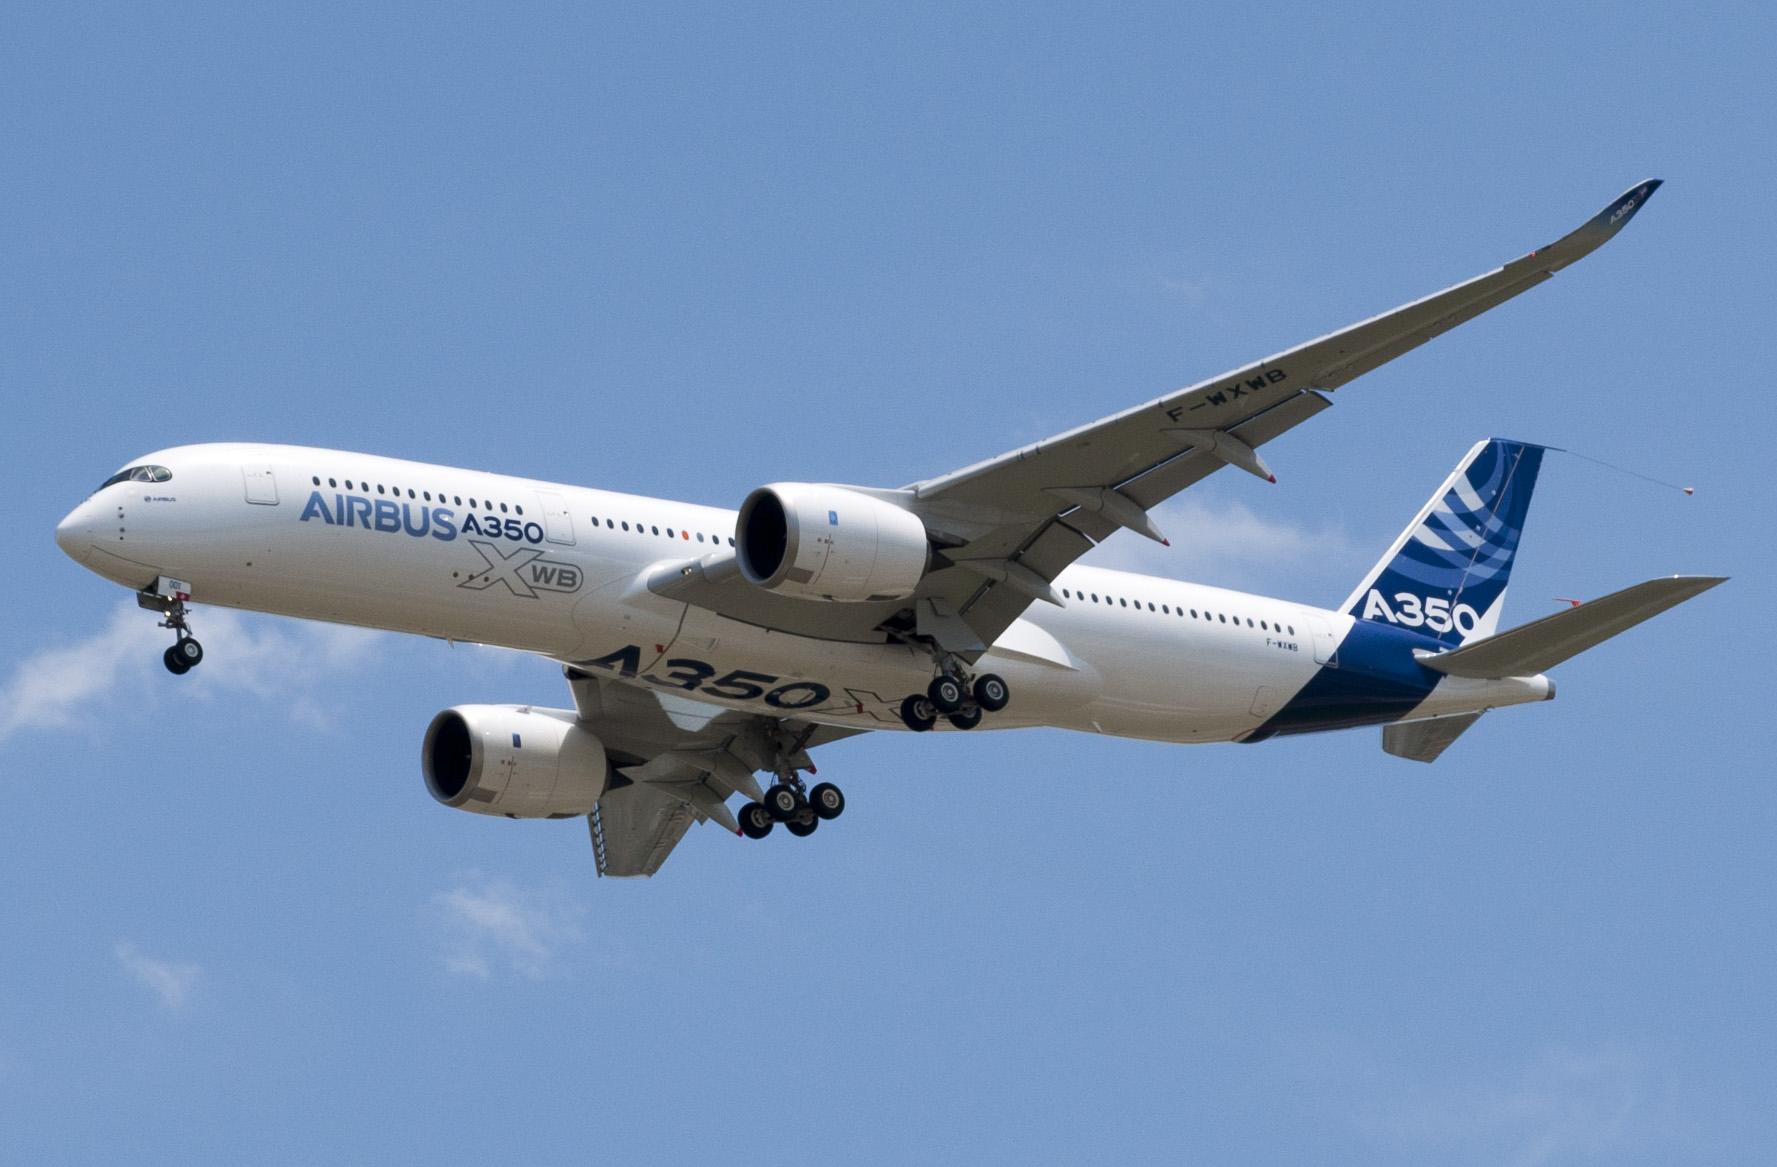 エアバス、ストラタシスが開発した3Dプリンター素材を新型旅客機製造に採用